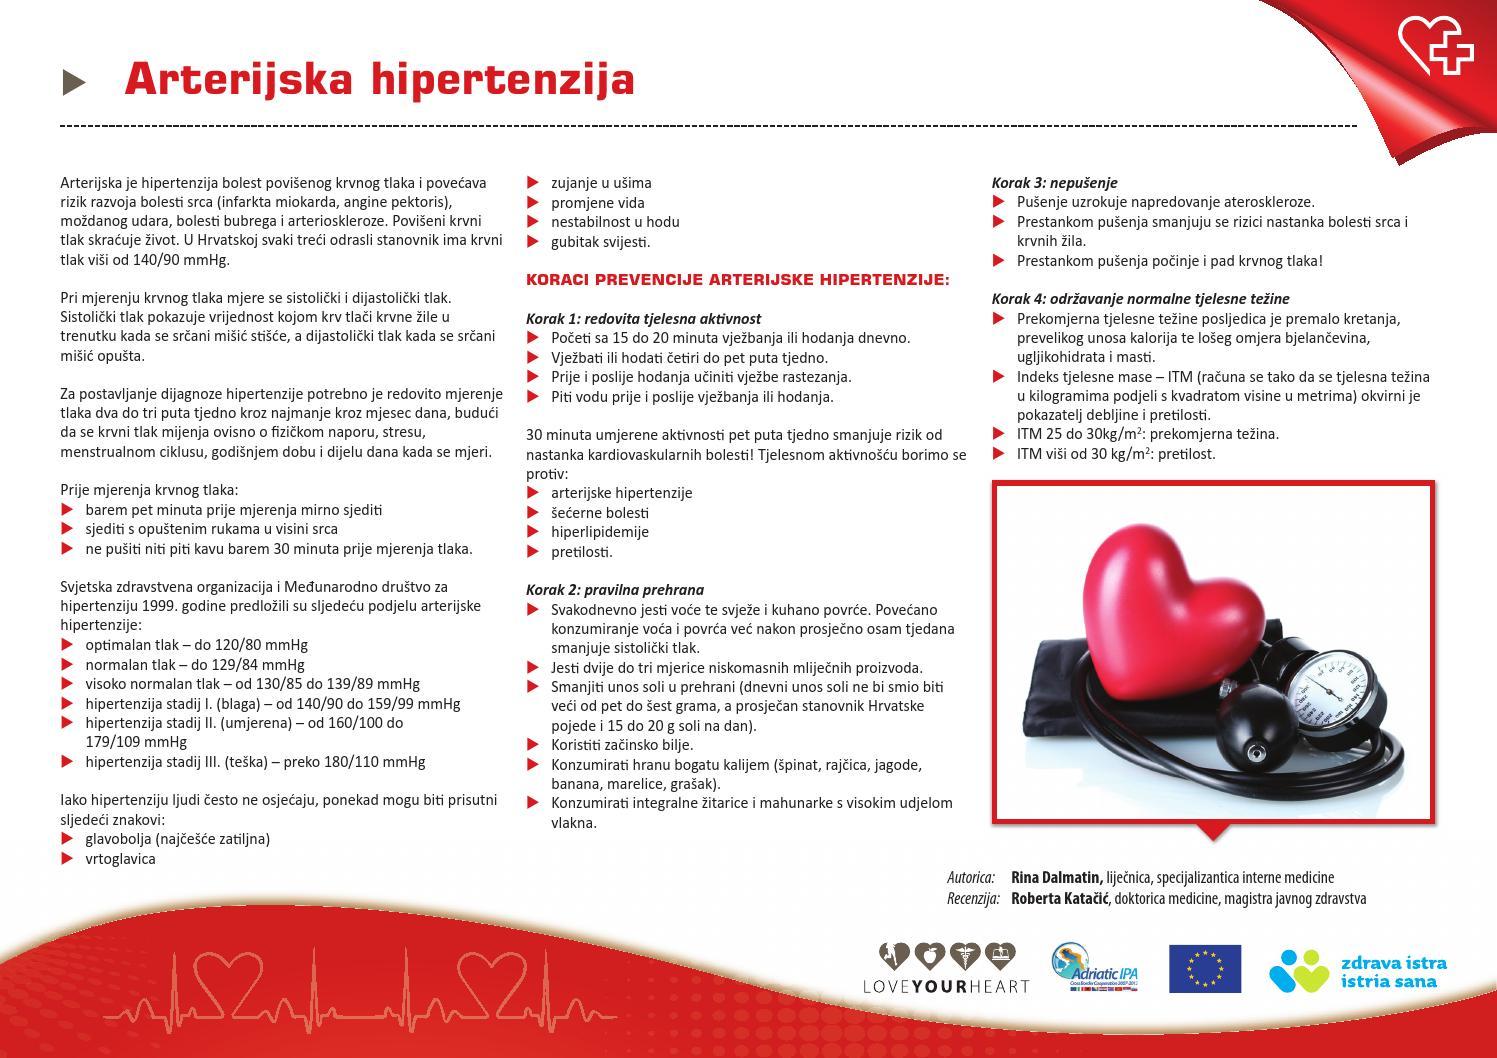 Hipertenzija i narodni tretman